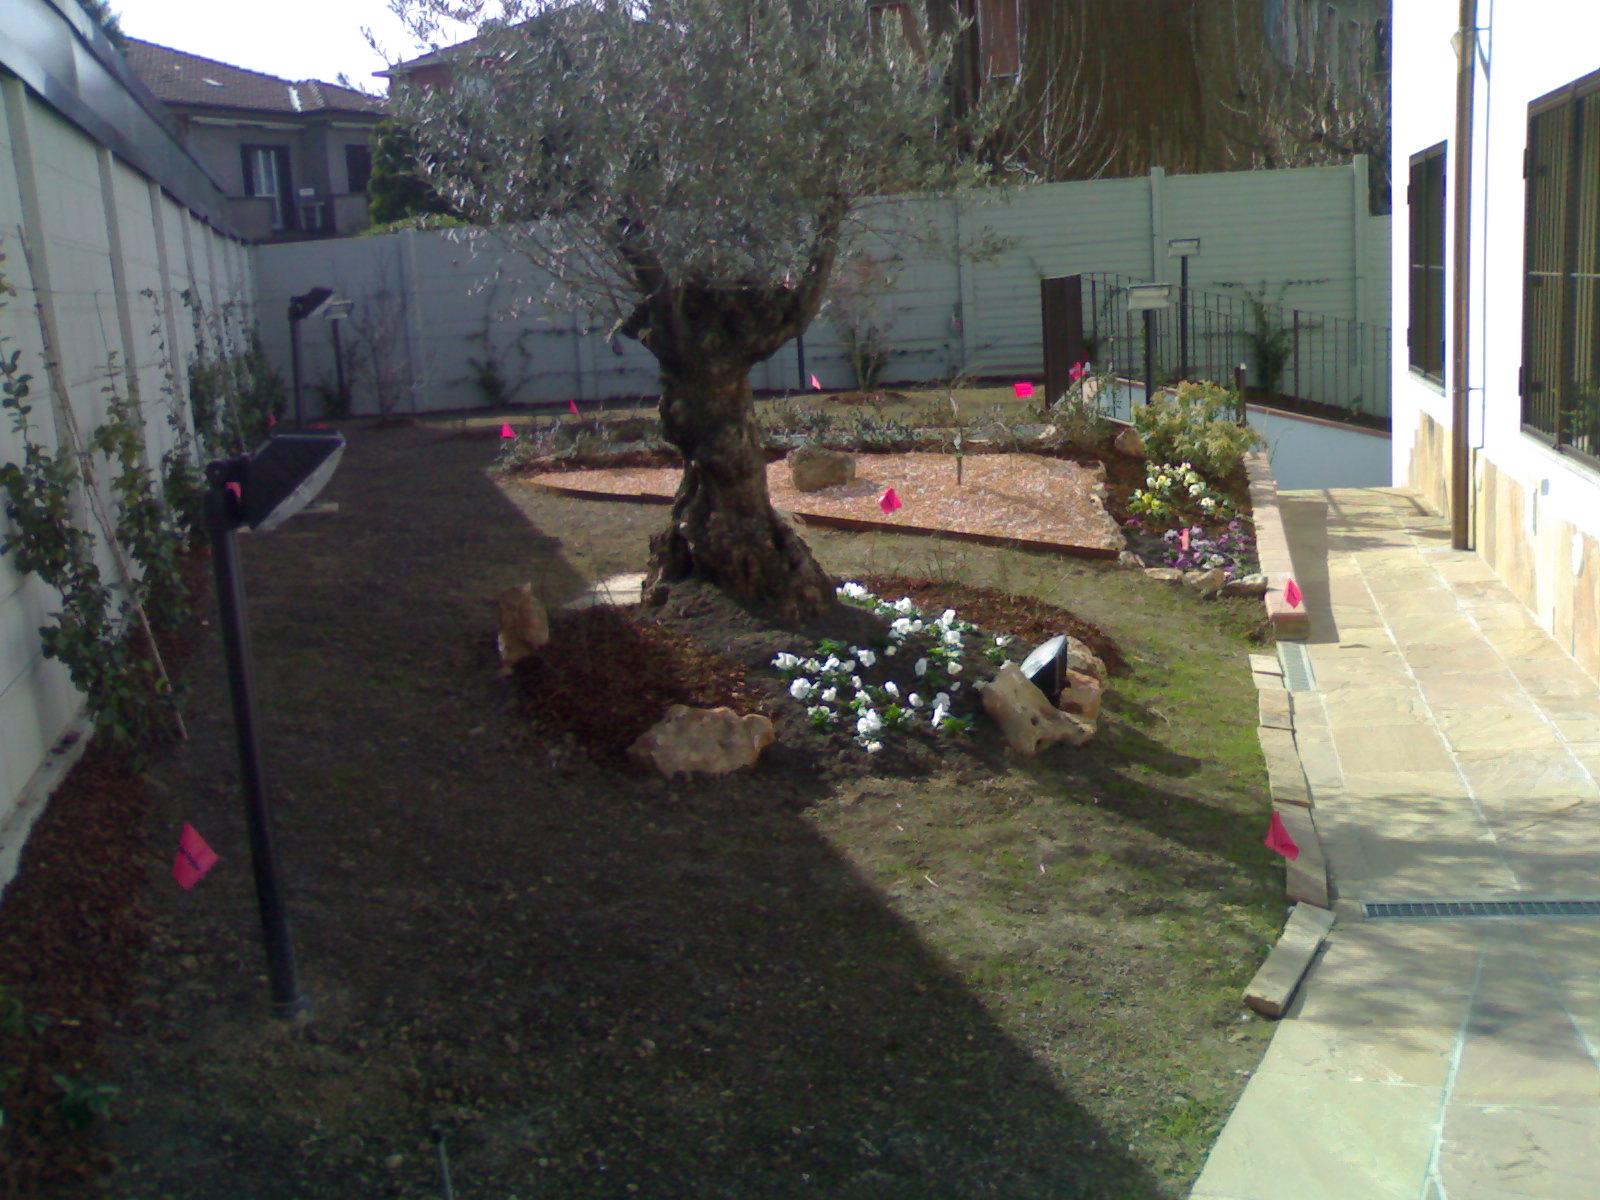 Creare giardini autunno e la semina del prato - Concime per prato verde ...